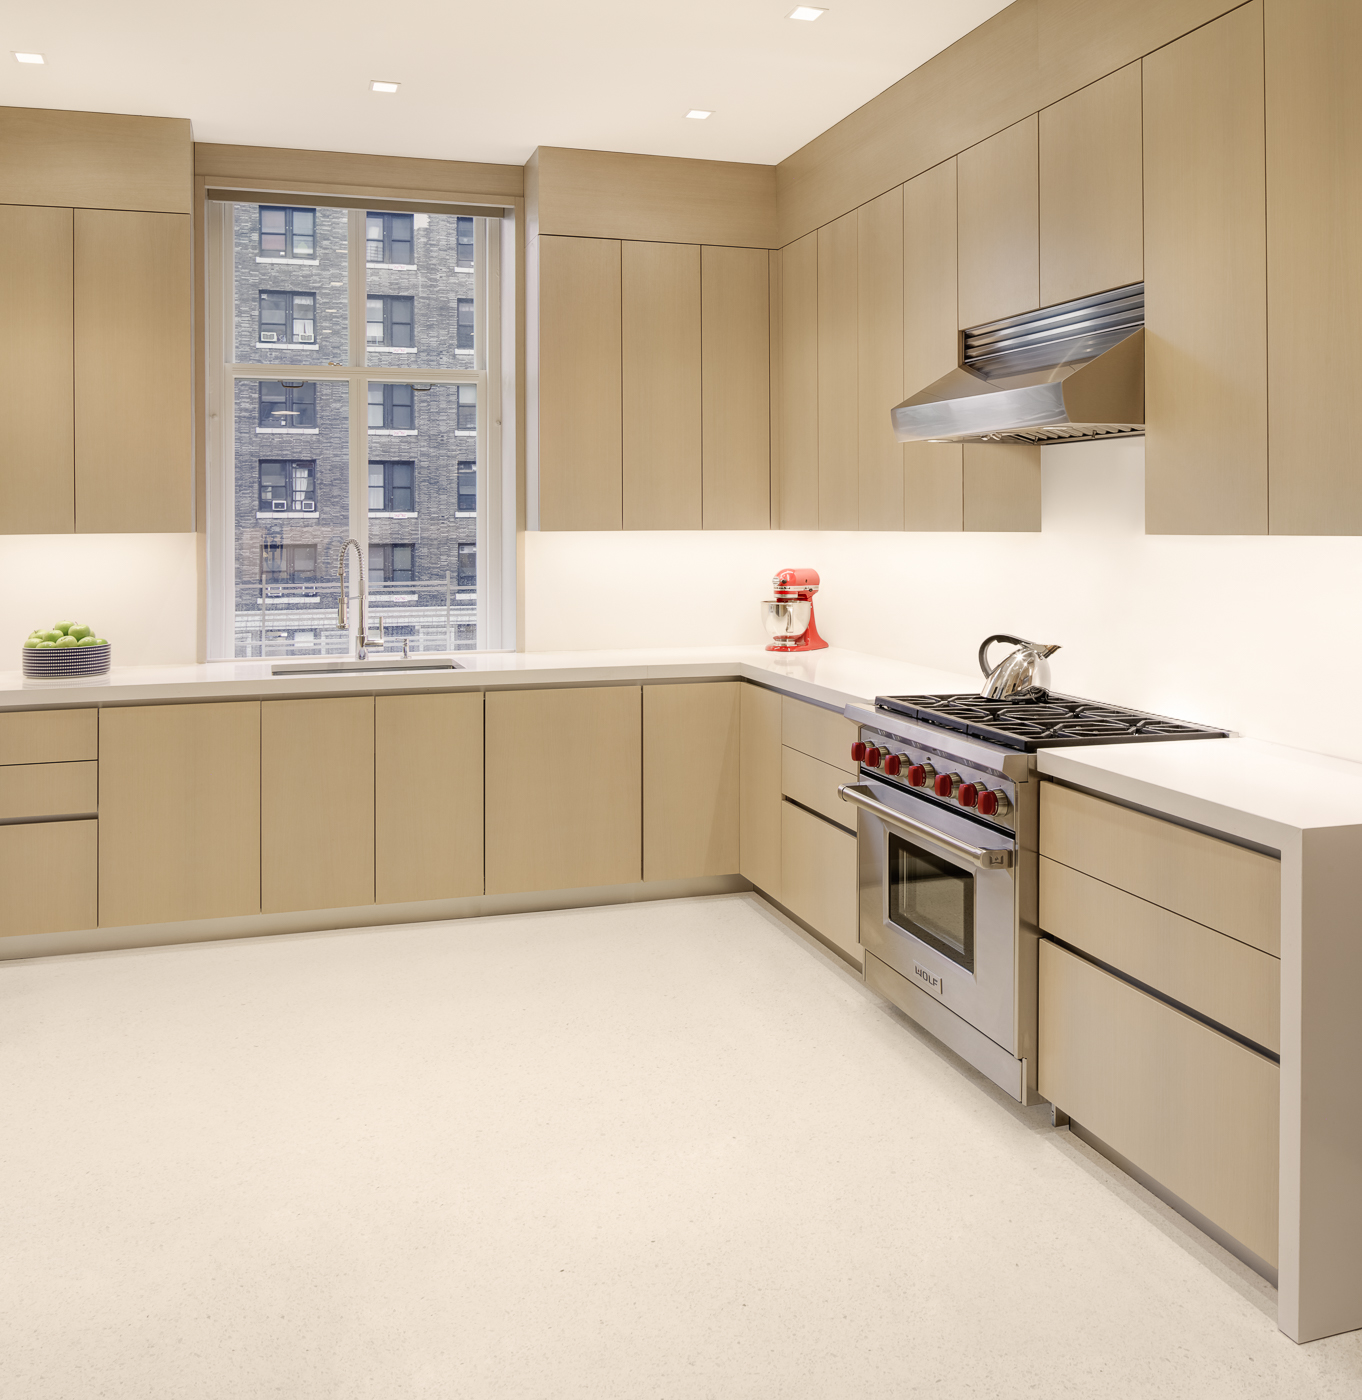 Townhouse Kitchens Inc - Bernstein Kitchen